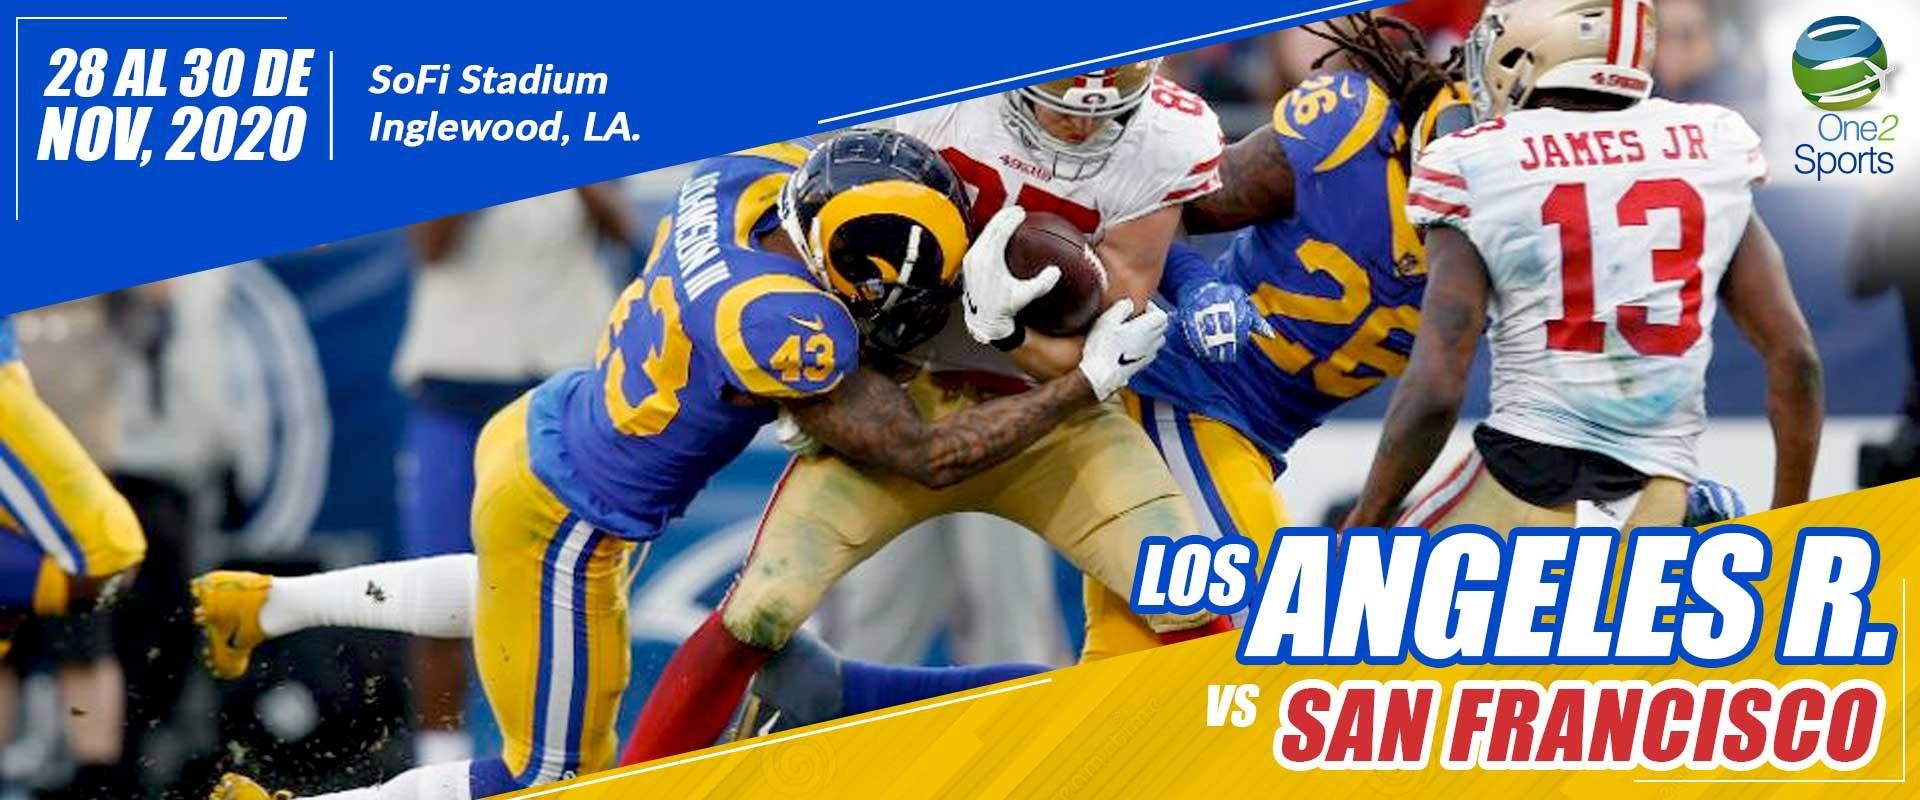 Los Angeles R vs San Francisco